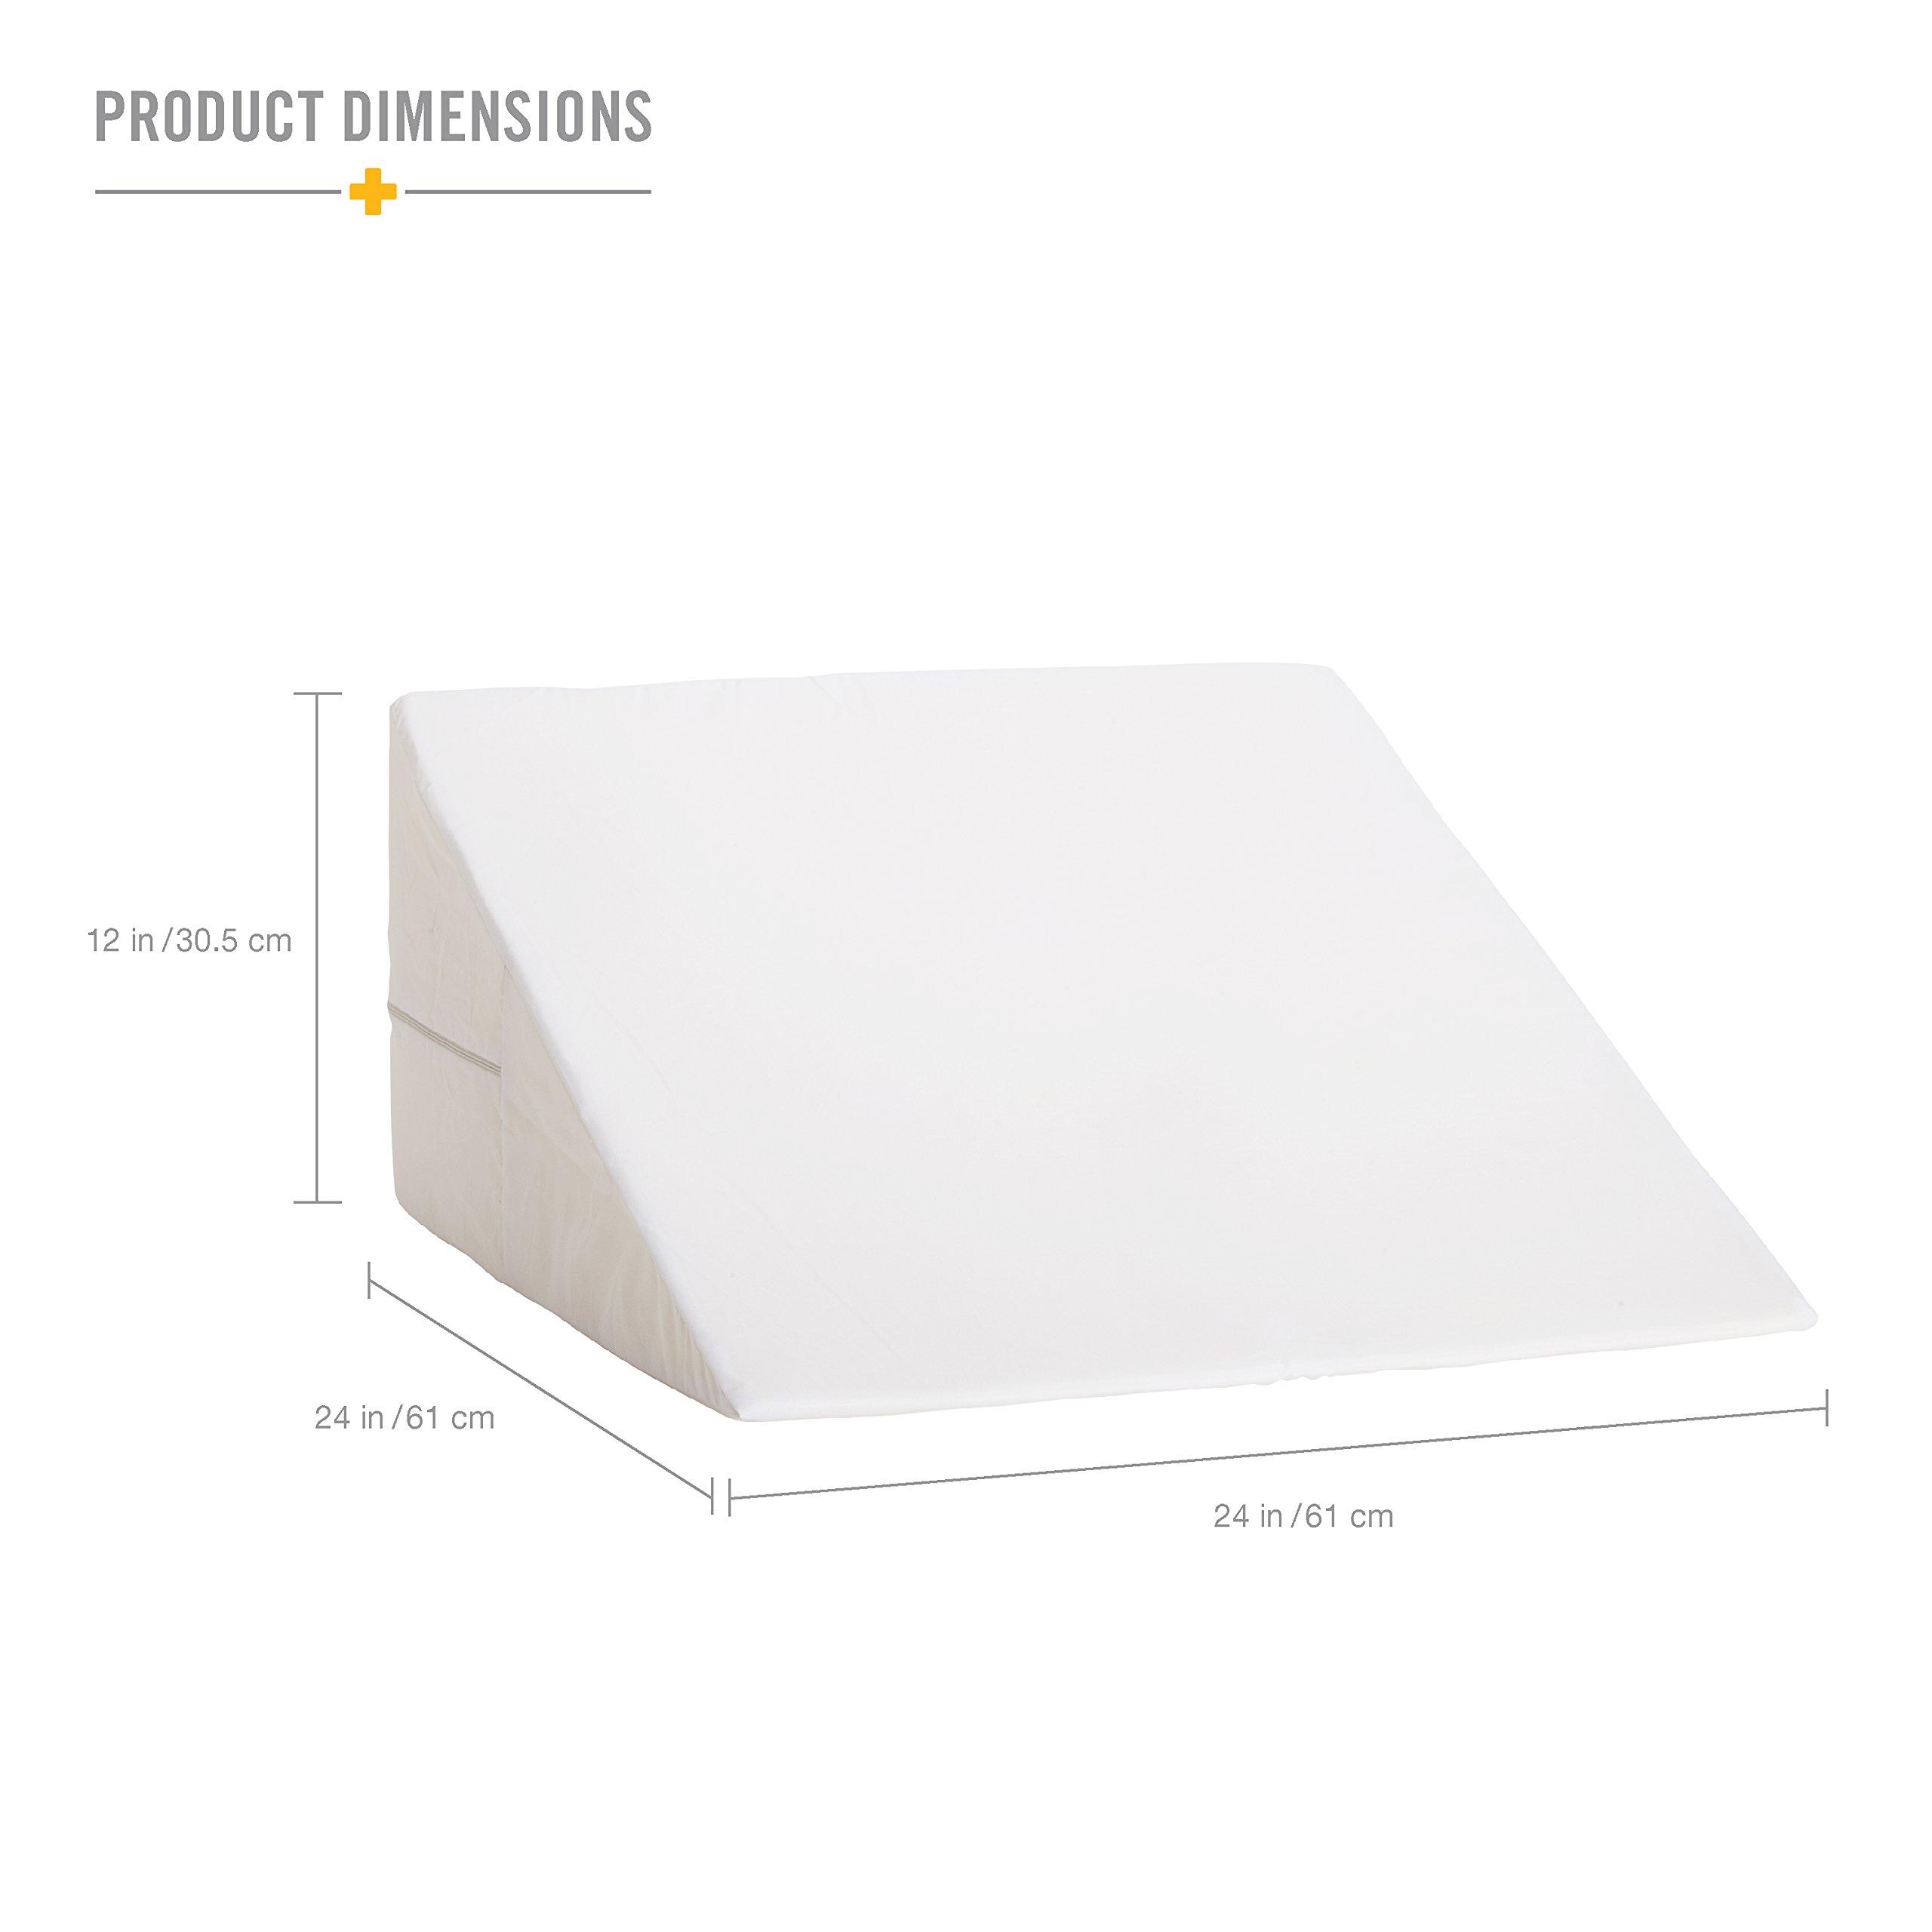 Dmi Foam Bed Wedge Pillow Acid Reflux Pillow Leg